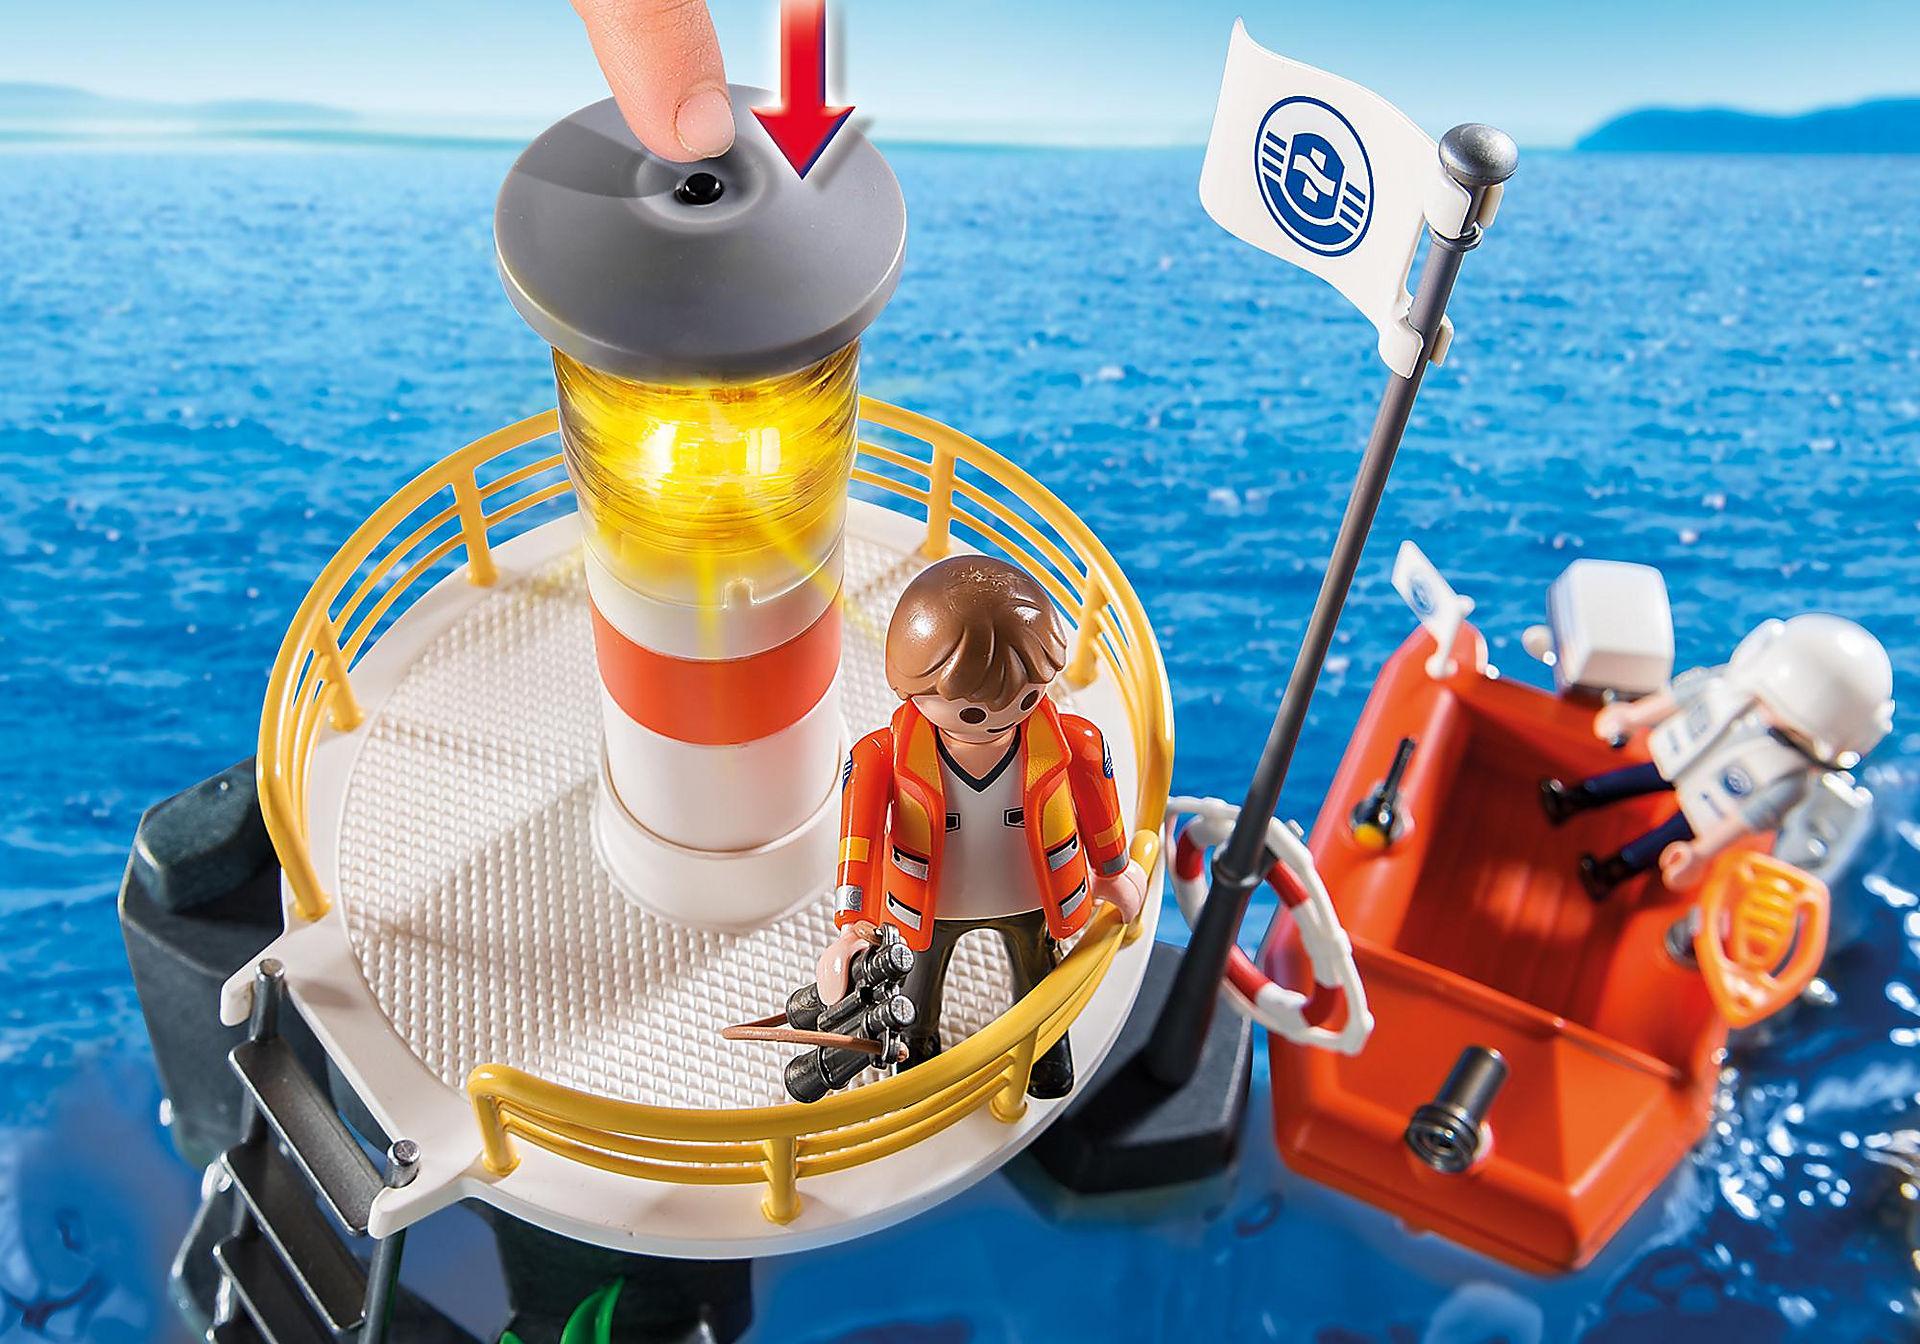 http://media.playmobil.com/i/playmobil/5626_product_extra2/Faro con Balsa de Rescate